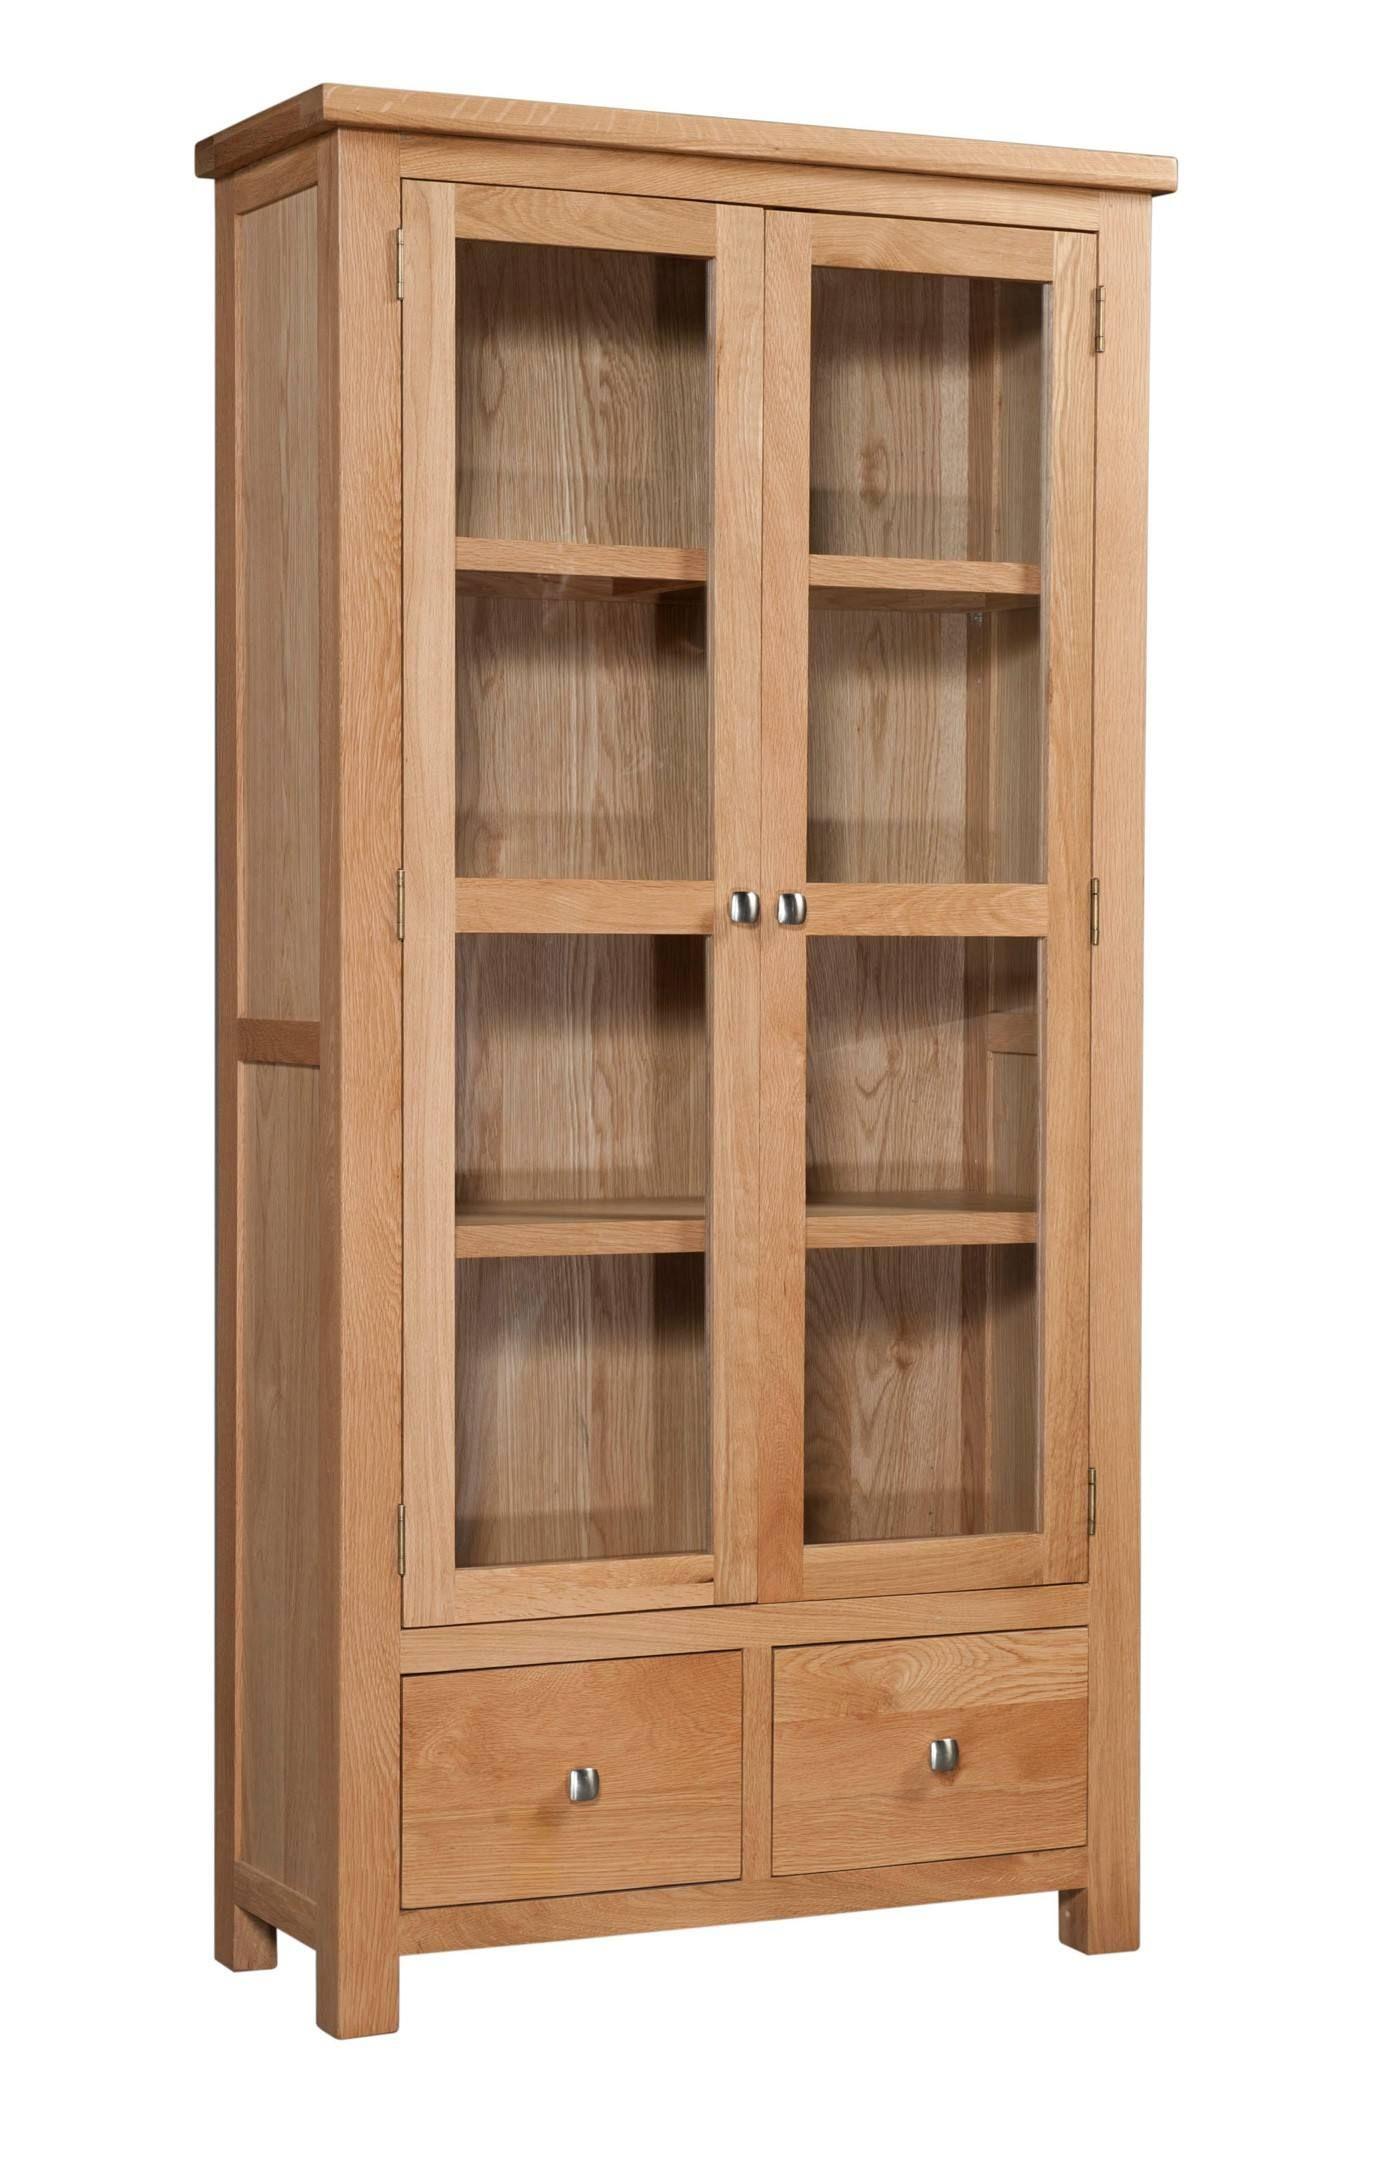 Dorset Oak Display with Glass Doors in 2020